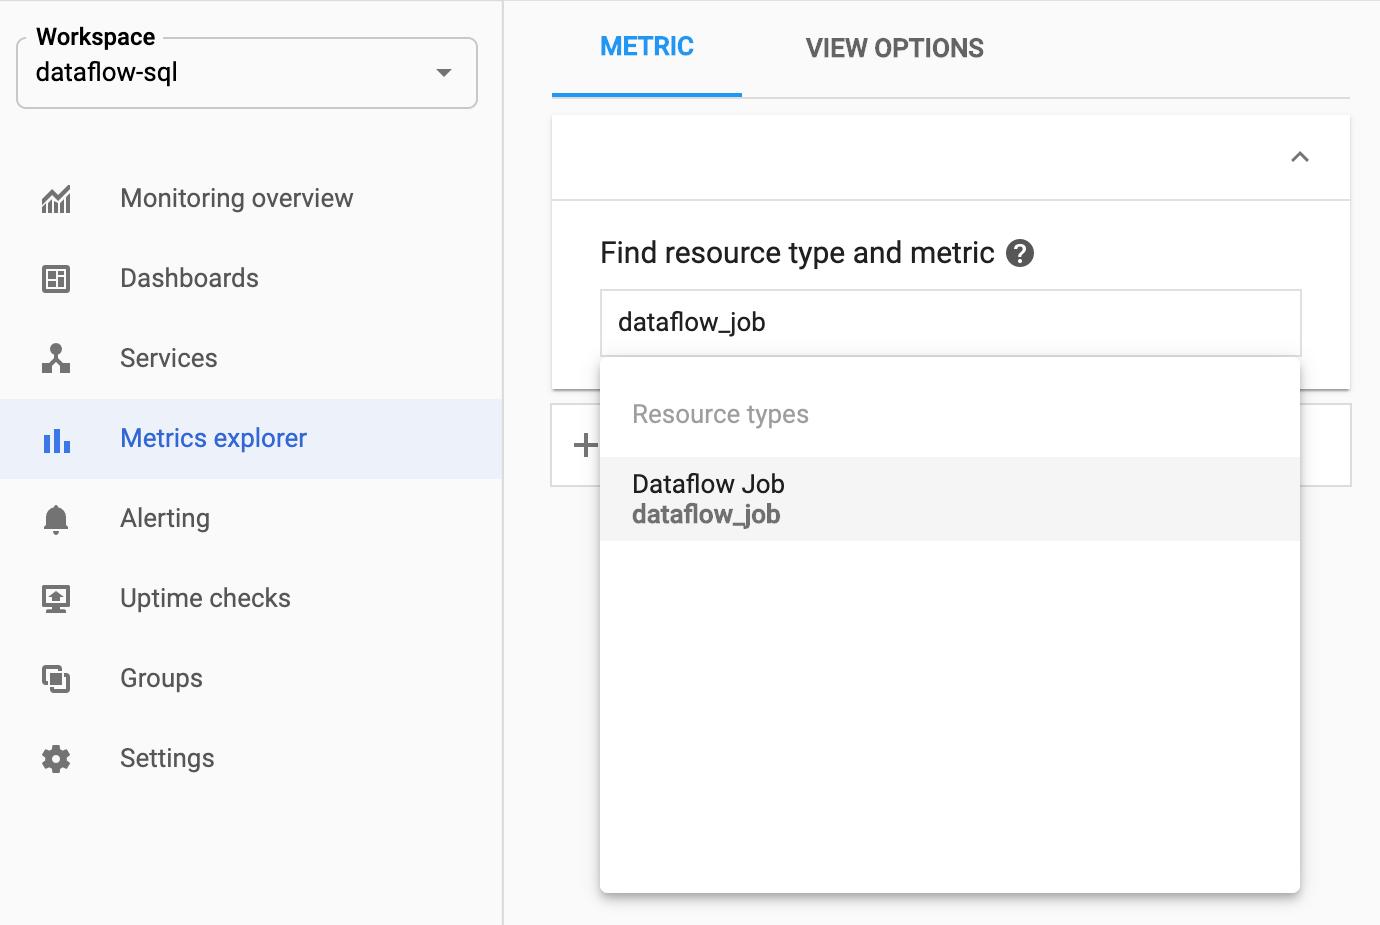 측정항목 탐색기에서 dataflow_job 리소스를 선택합니다.